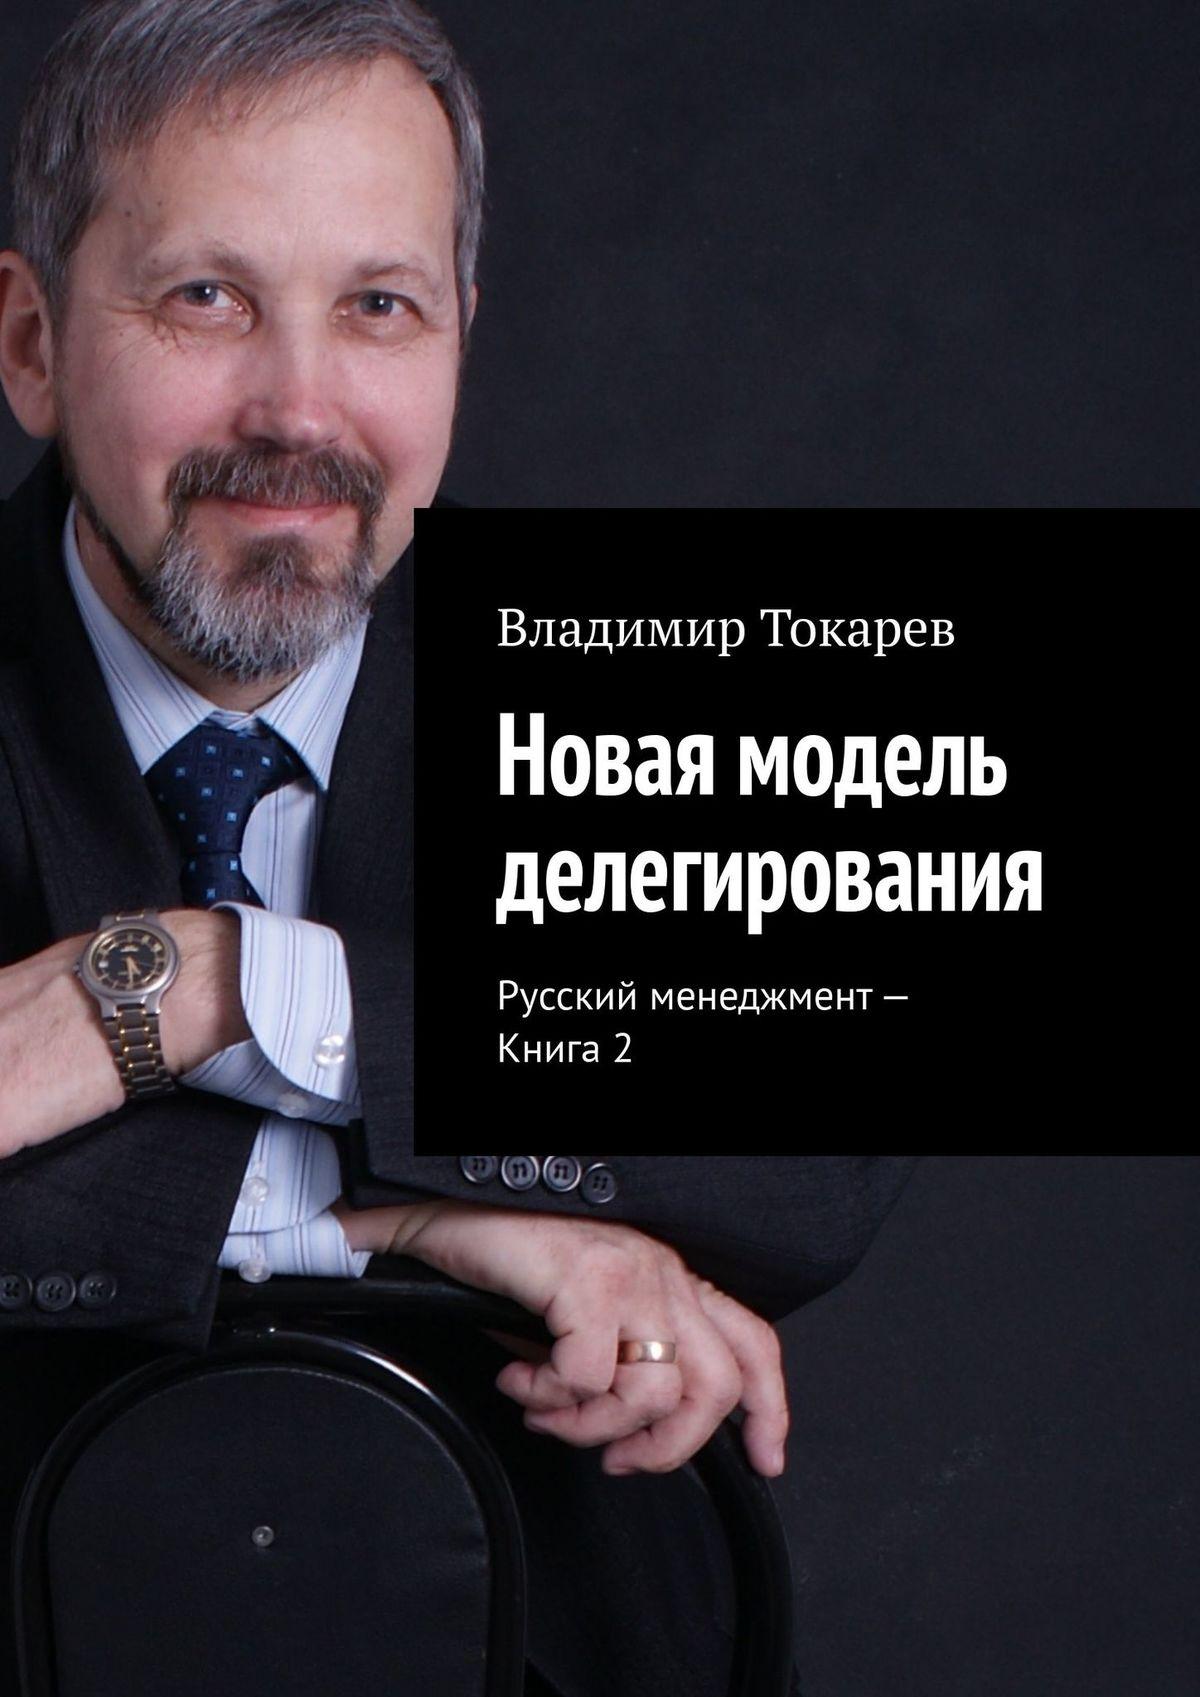 Обложка книги Русский менеджмент – Книга2. Критическая масса управленческих знаний